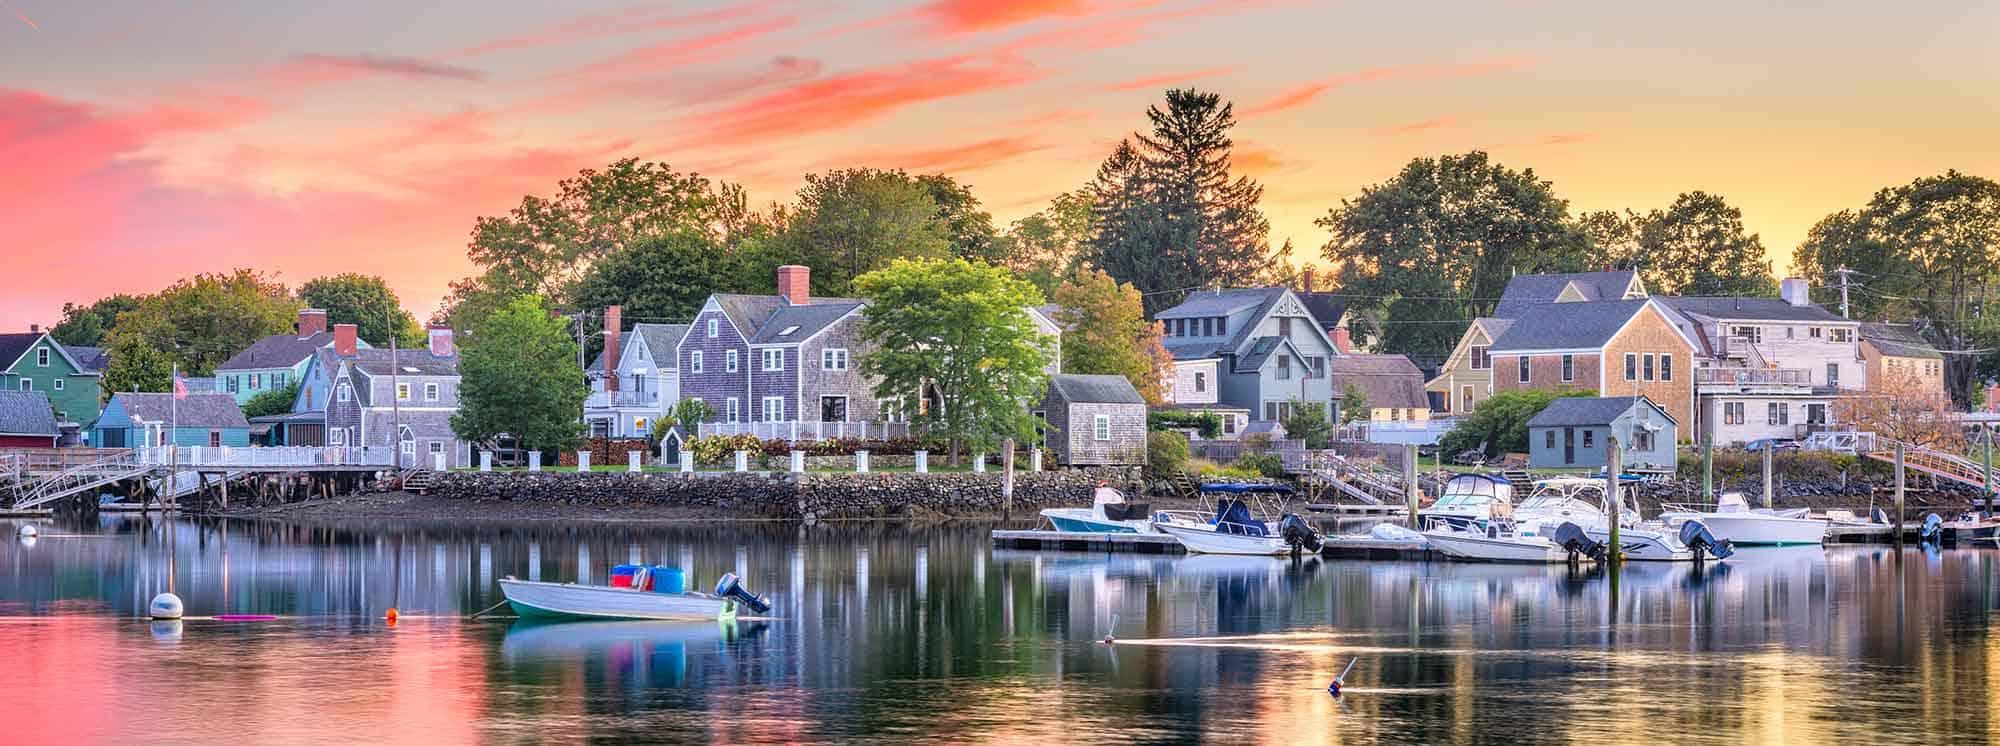 Best Schools in New Hampshire